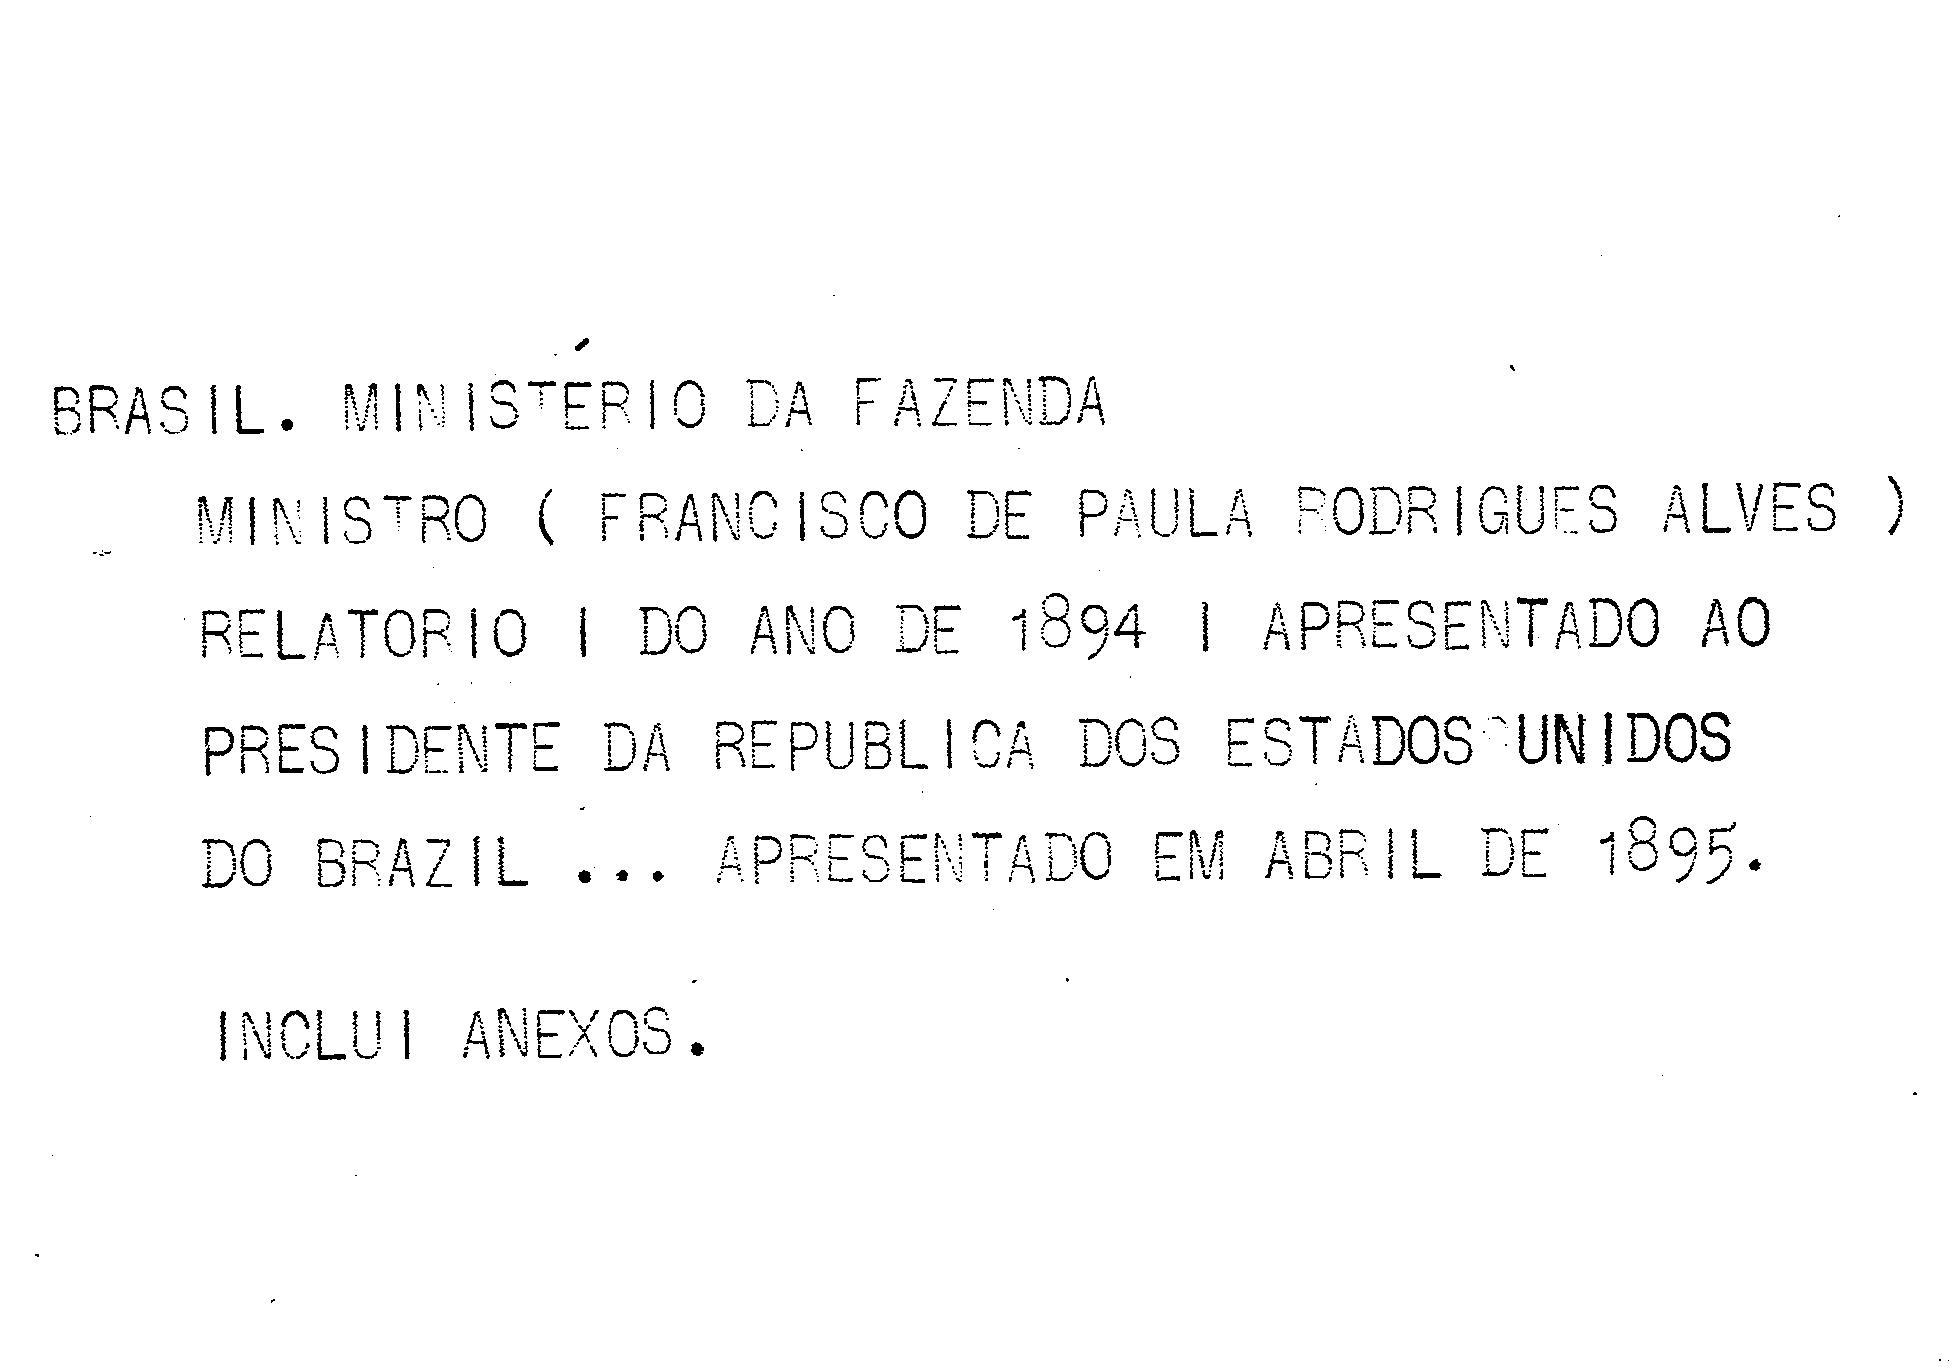 Ministerio da Fazenda - Relatório apresentado ao presidente da República dos Estados Unidos do Brazil pelo Ministro de Estado dos Negócios da Fazenda Francisco de Paula Rodrigues Alves no anno de 1895, 7º da República